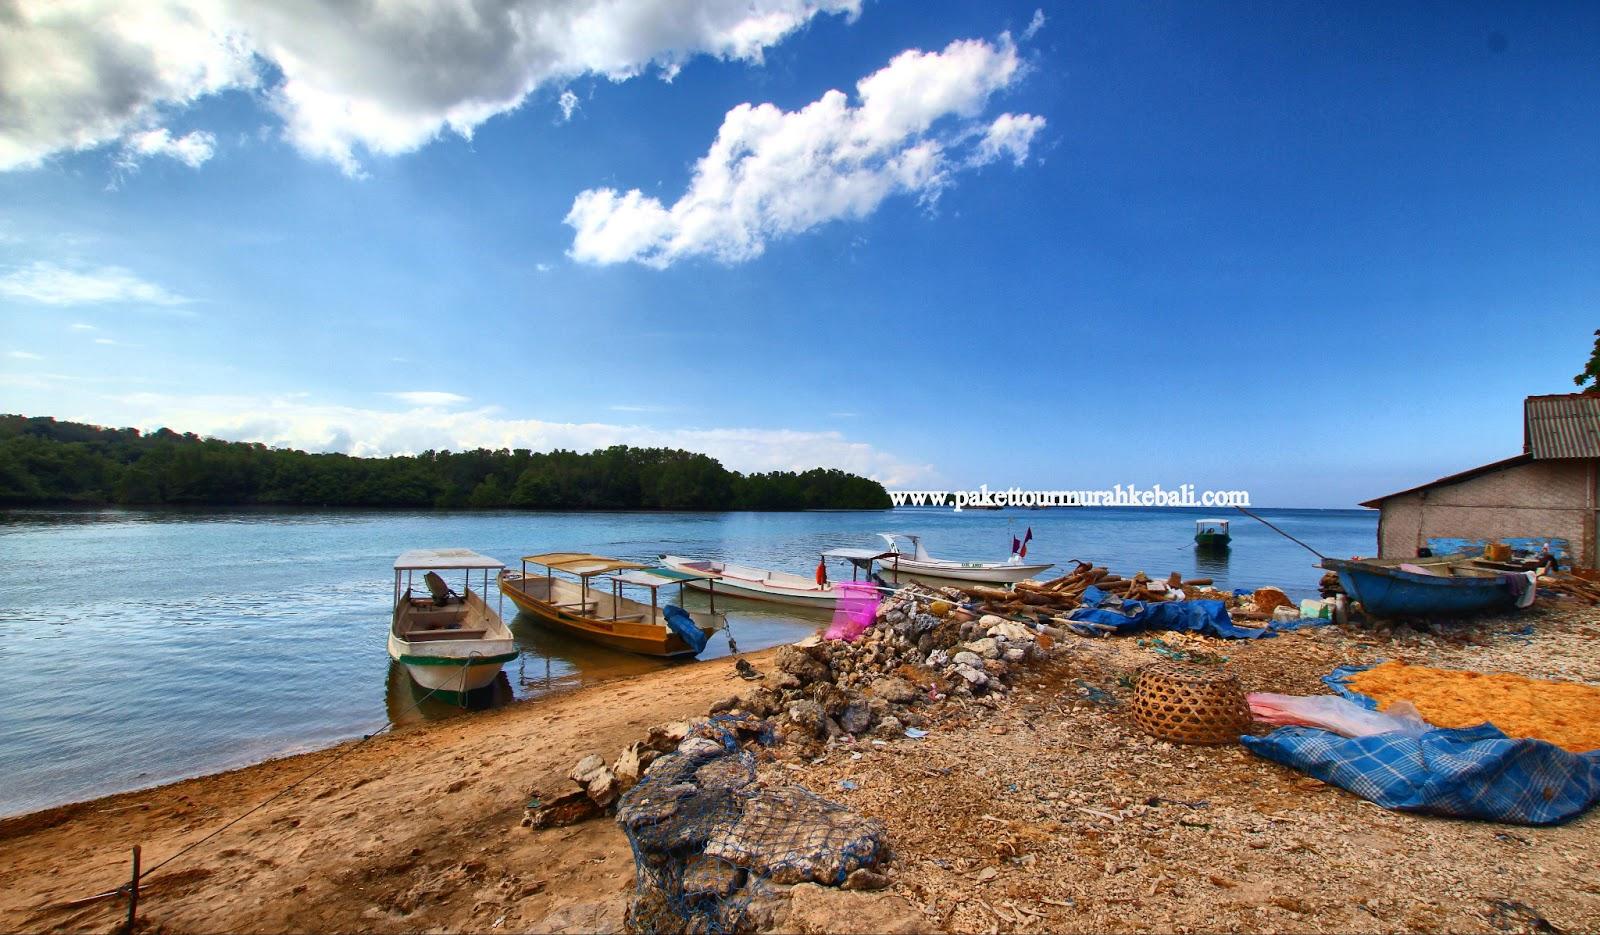 Selamat Pagi Kesegaran Udara Dan Pemandangan Pulau Pesisir Akan Menyambutmu Serentak Menyegarkan Hari Setelah Sarapan Di Hotel Segera Berkemas